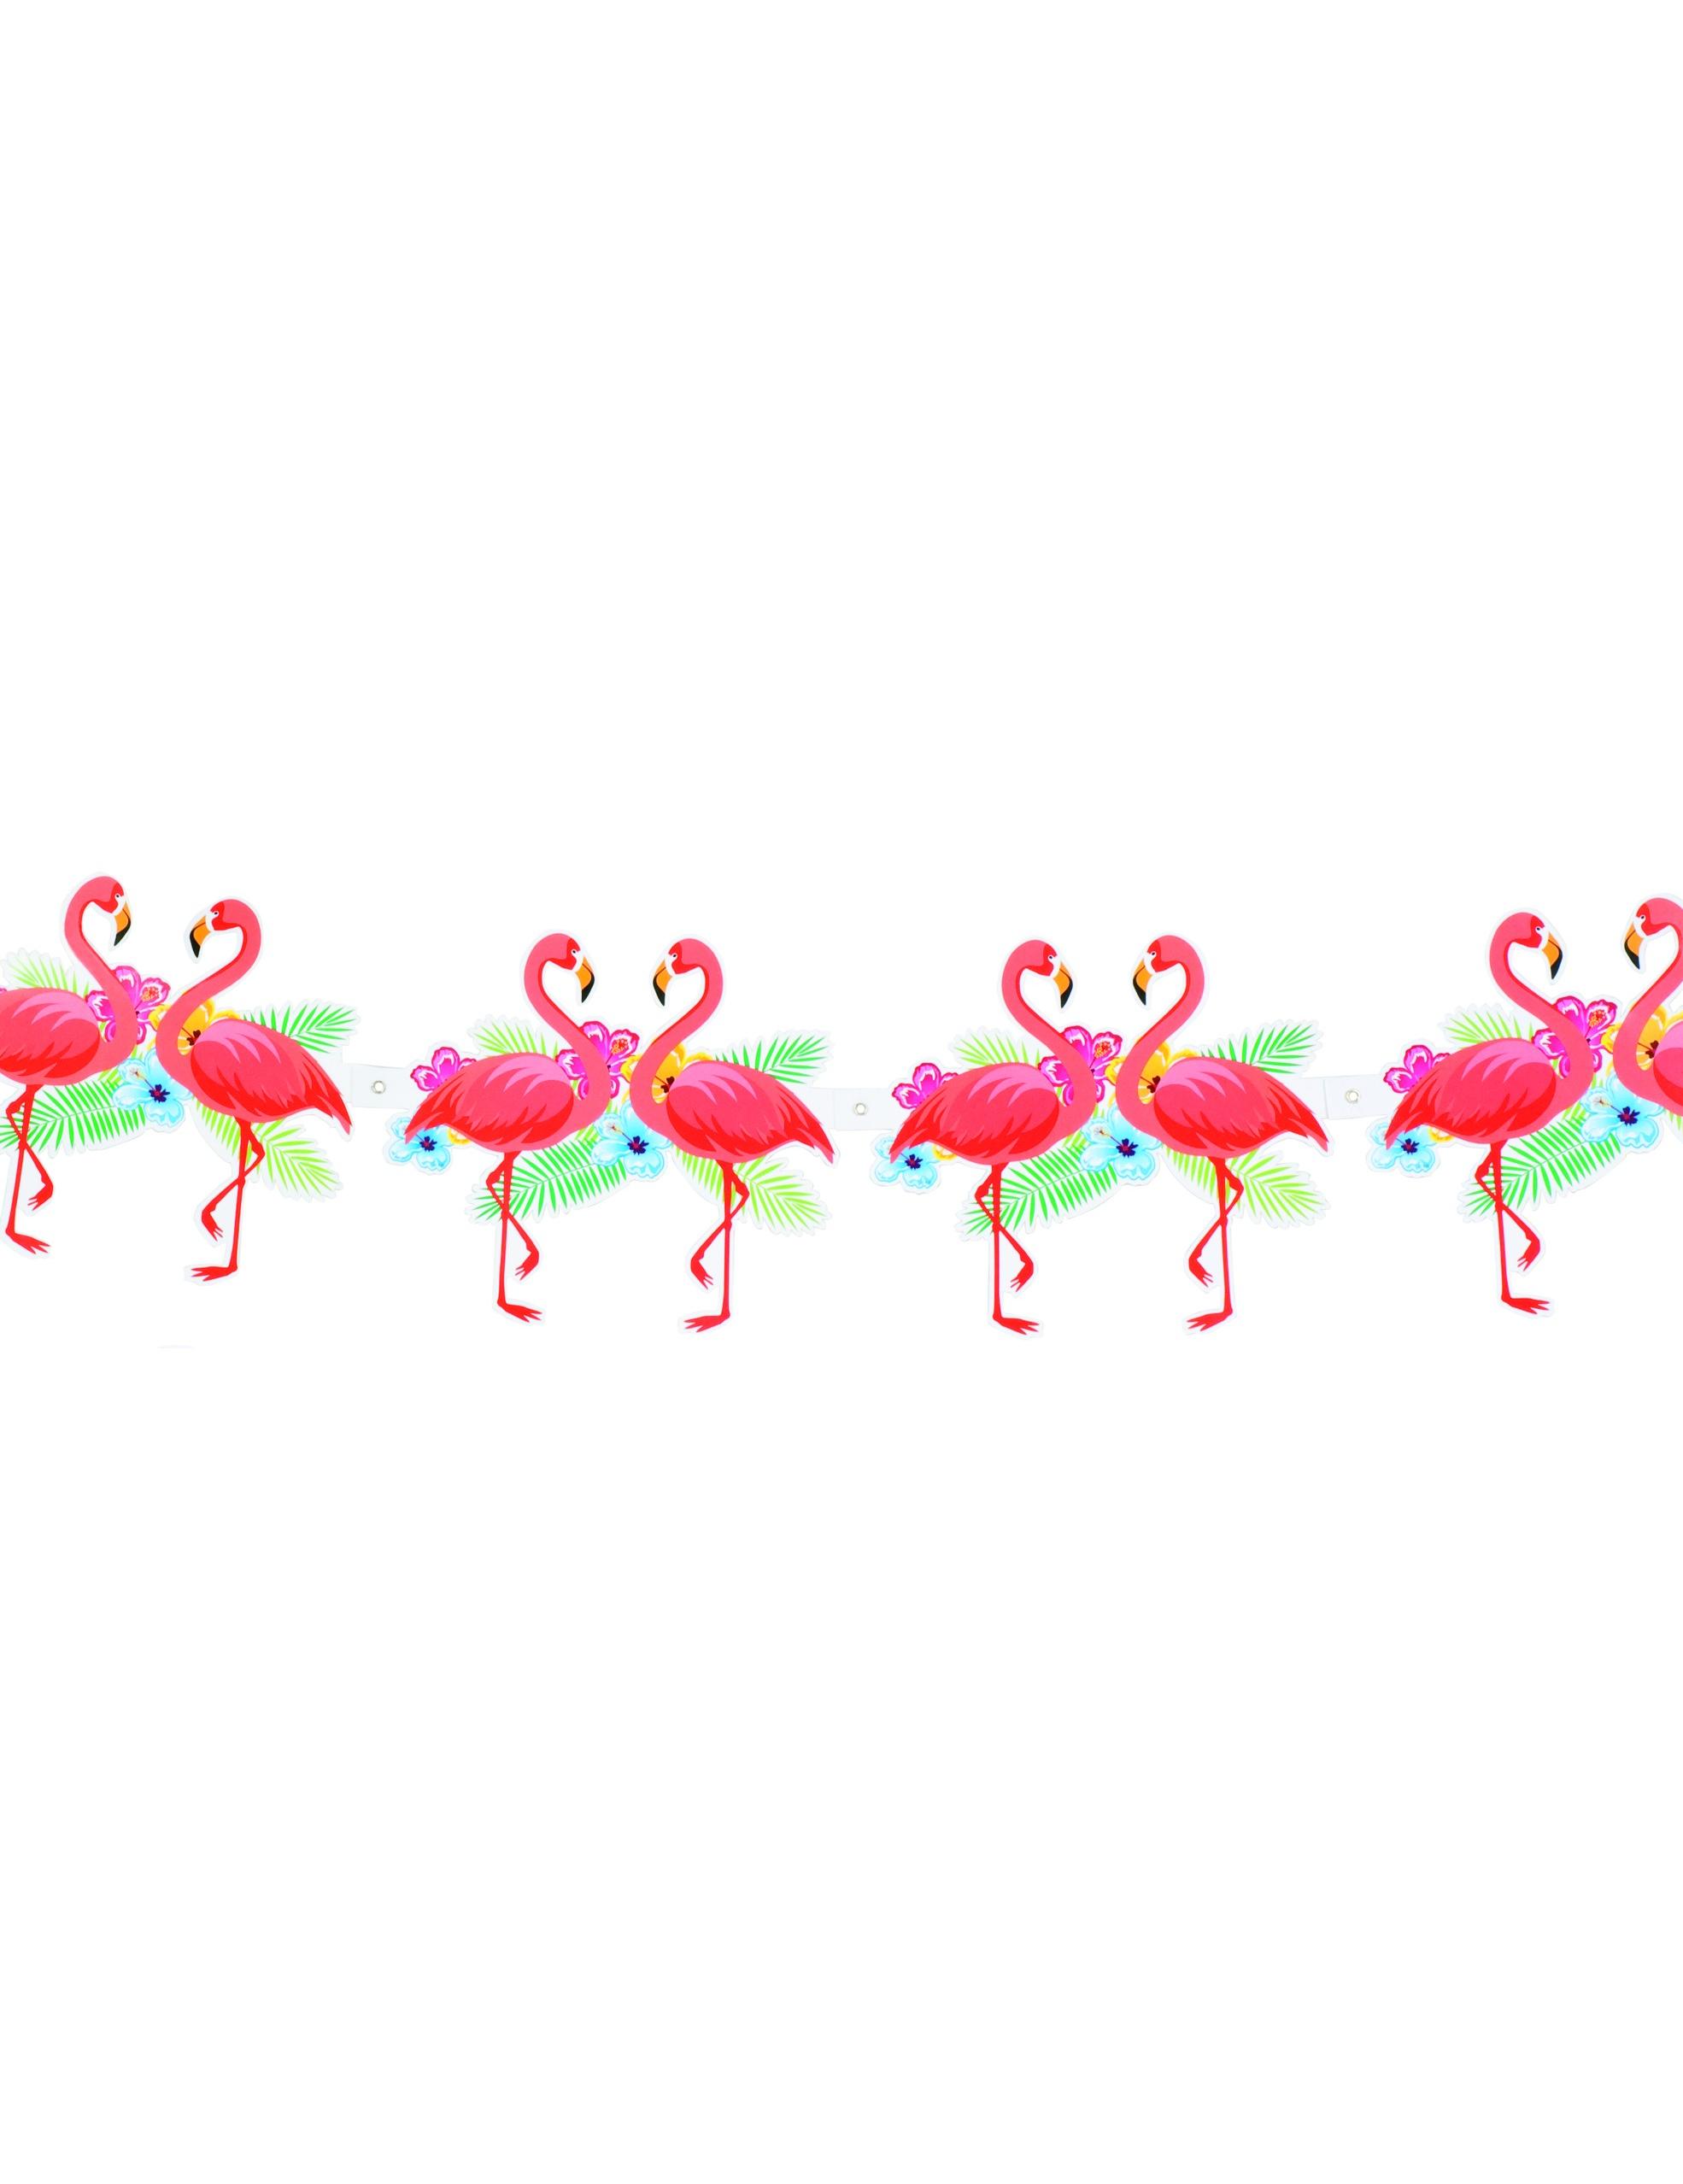 Guirlande flamant rose hawa cartonn e achat de decoration animation sur v - Decoration flamant rose ...